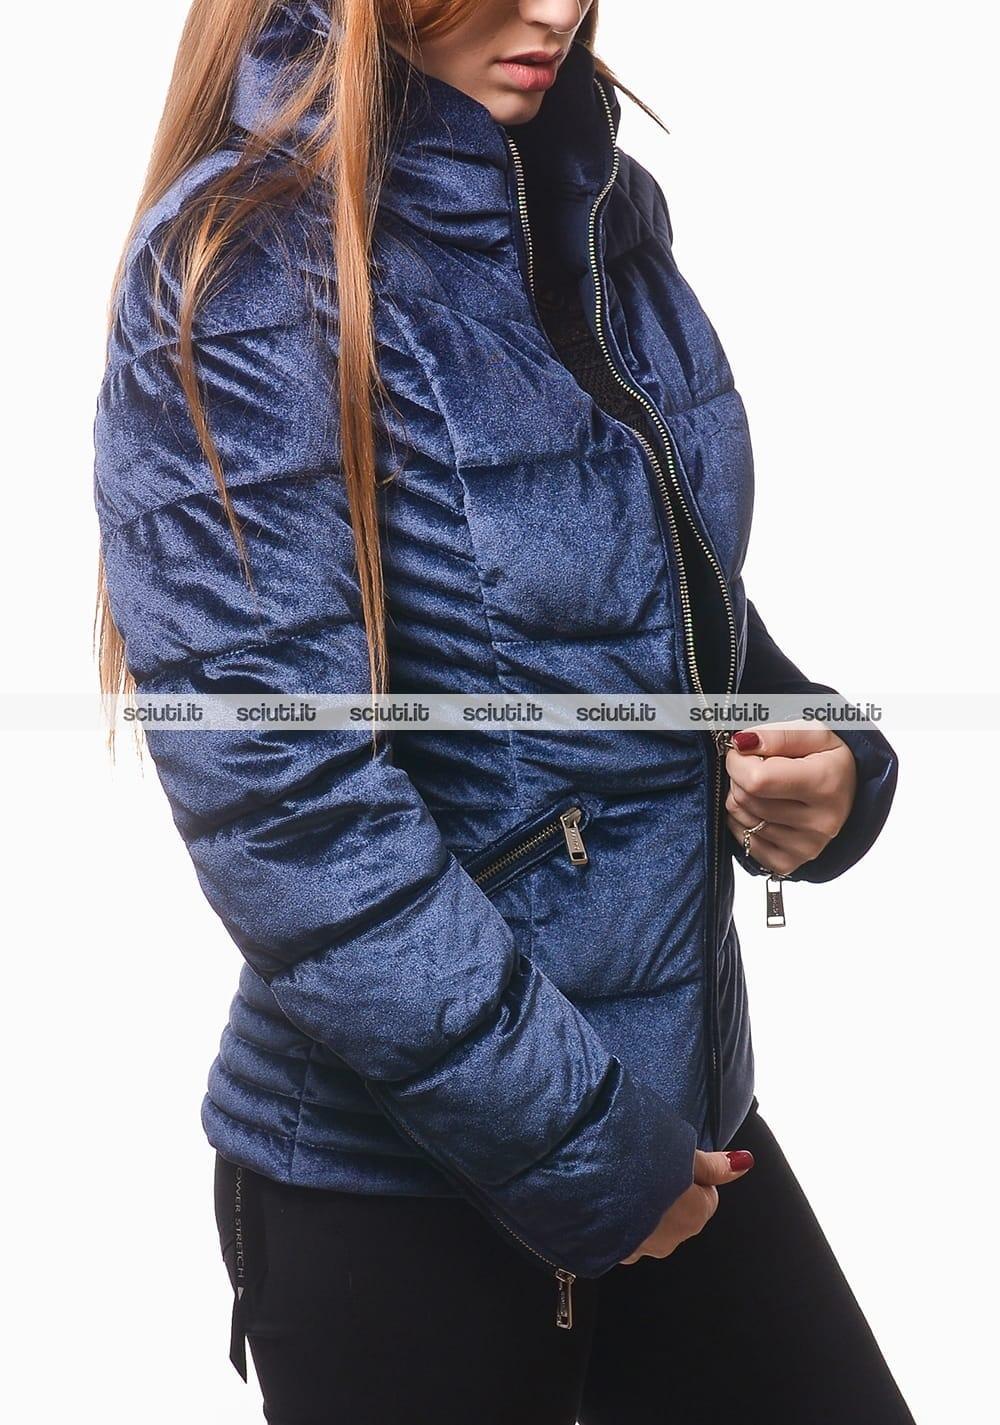 Giubbotto Guess donna blu scuro imbottito effetto velluto